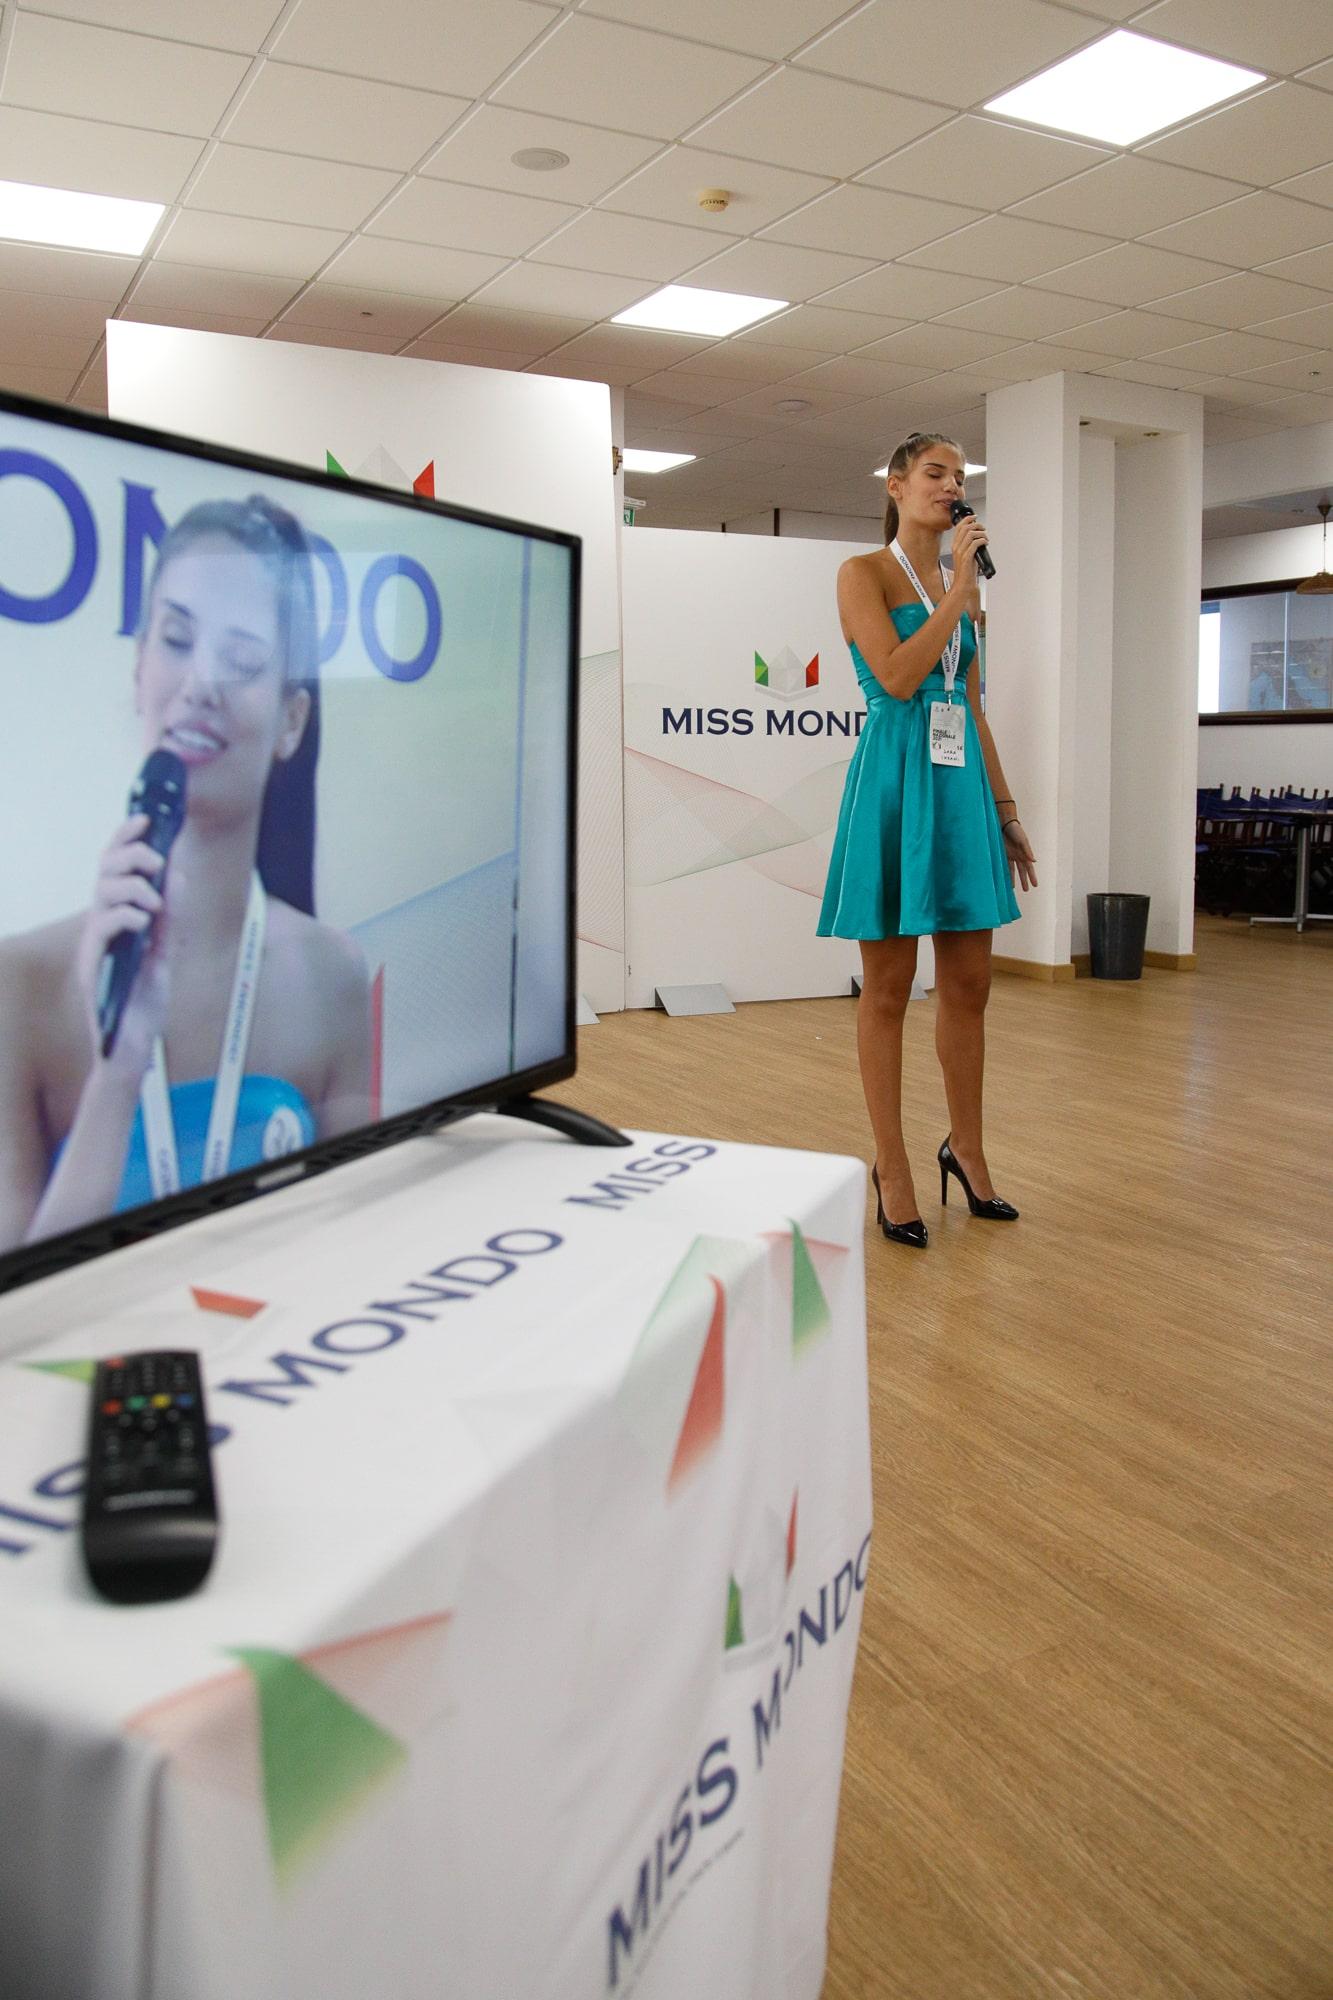 Finale nazione Miss Mondo Italia 2021 Audizione Talent 2 - 4